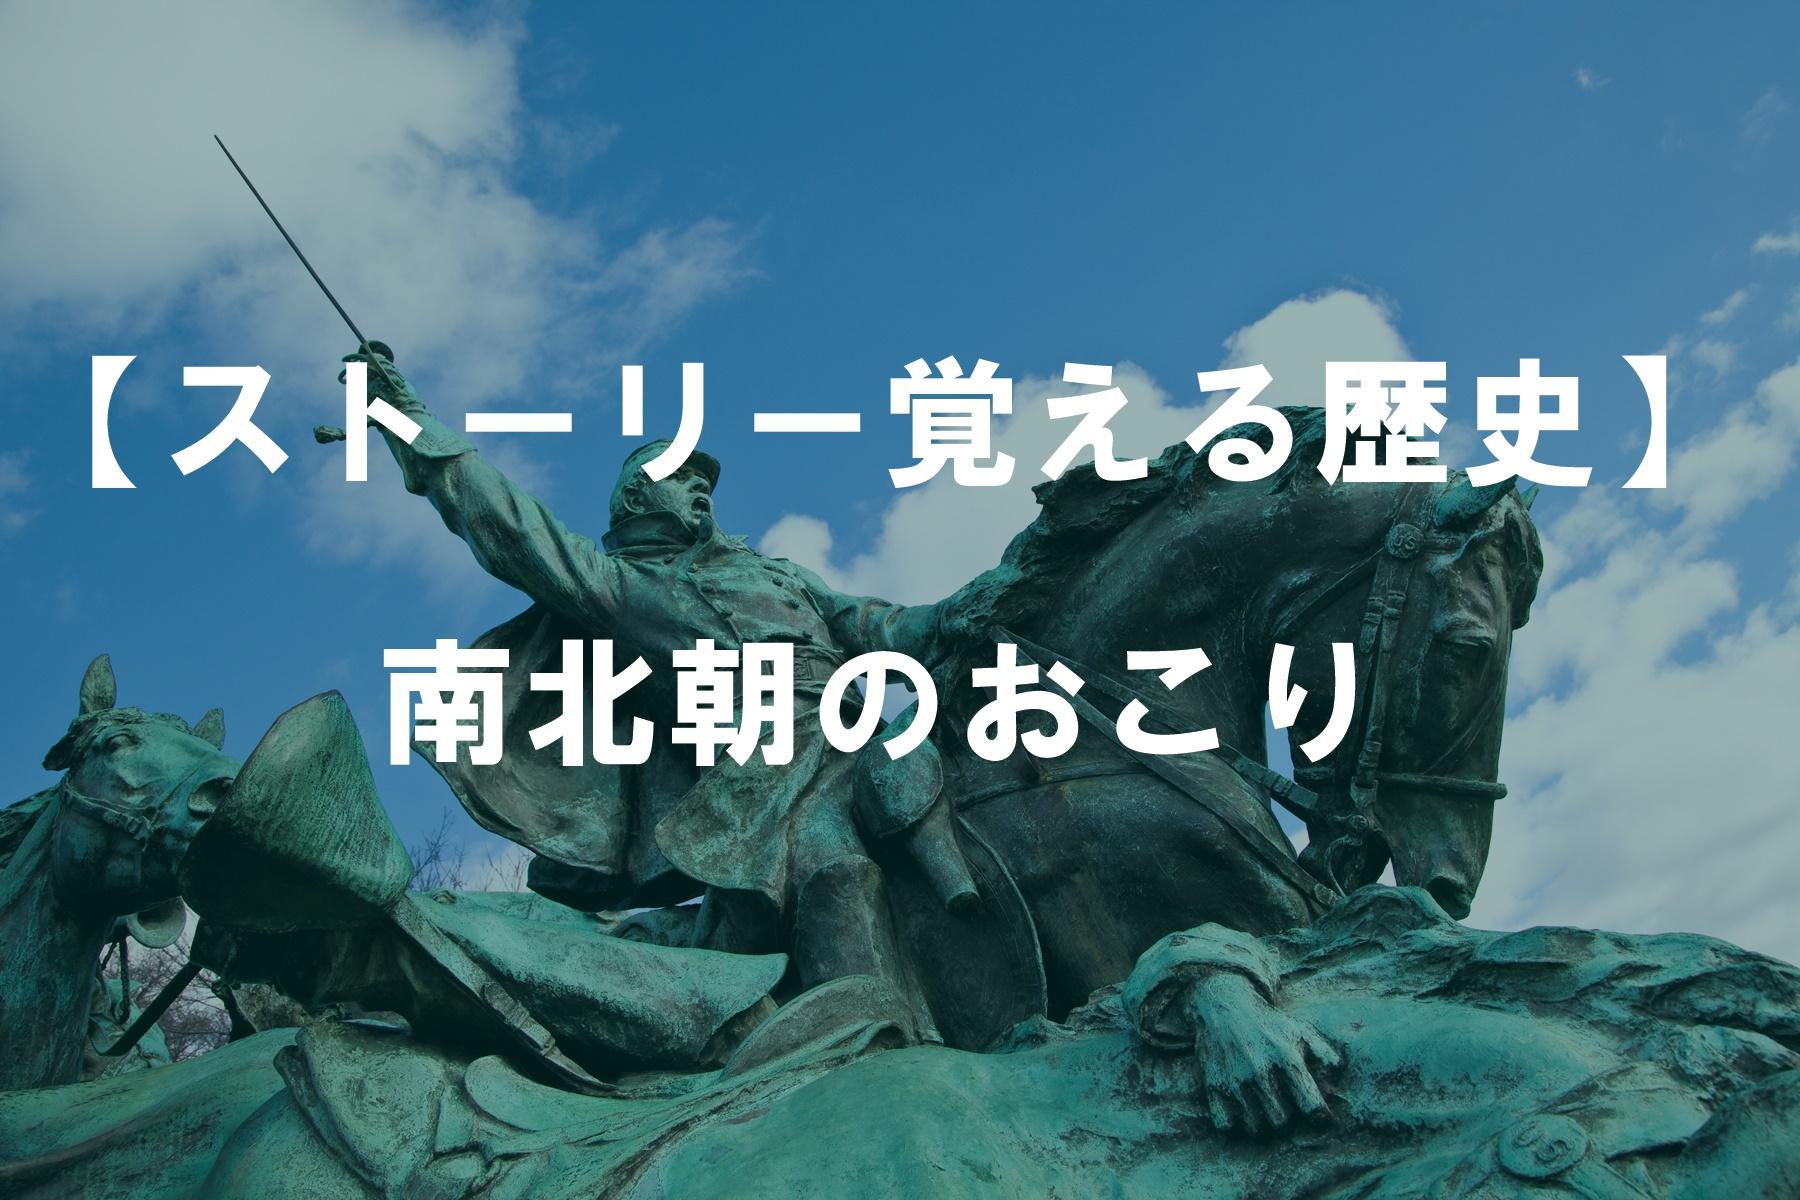 【ストーリー覚える歴史】南北朝のおこり